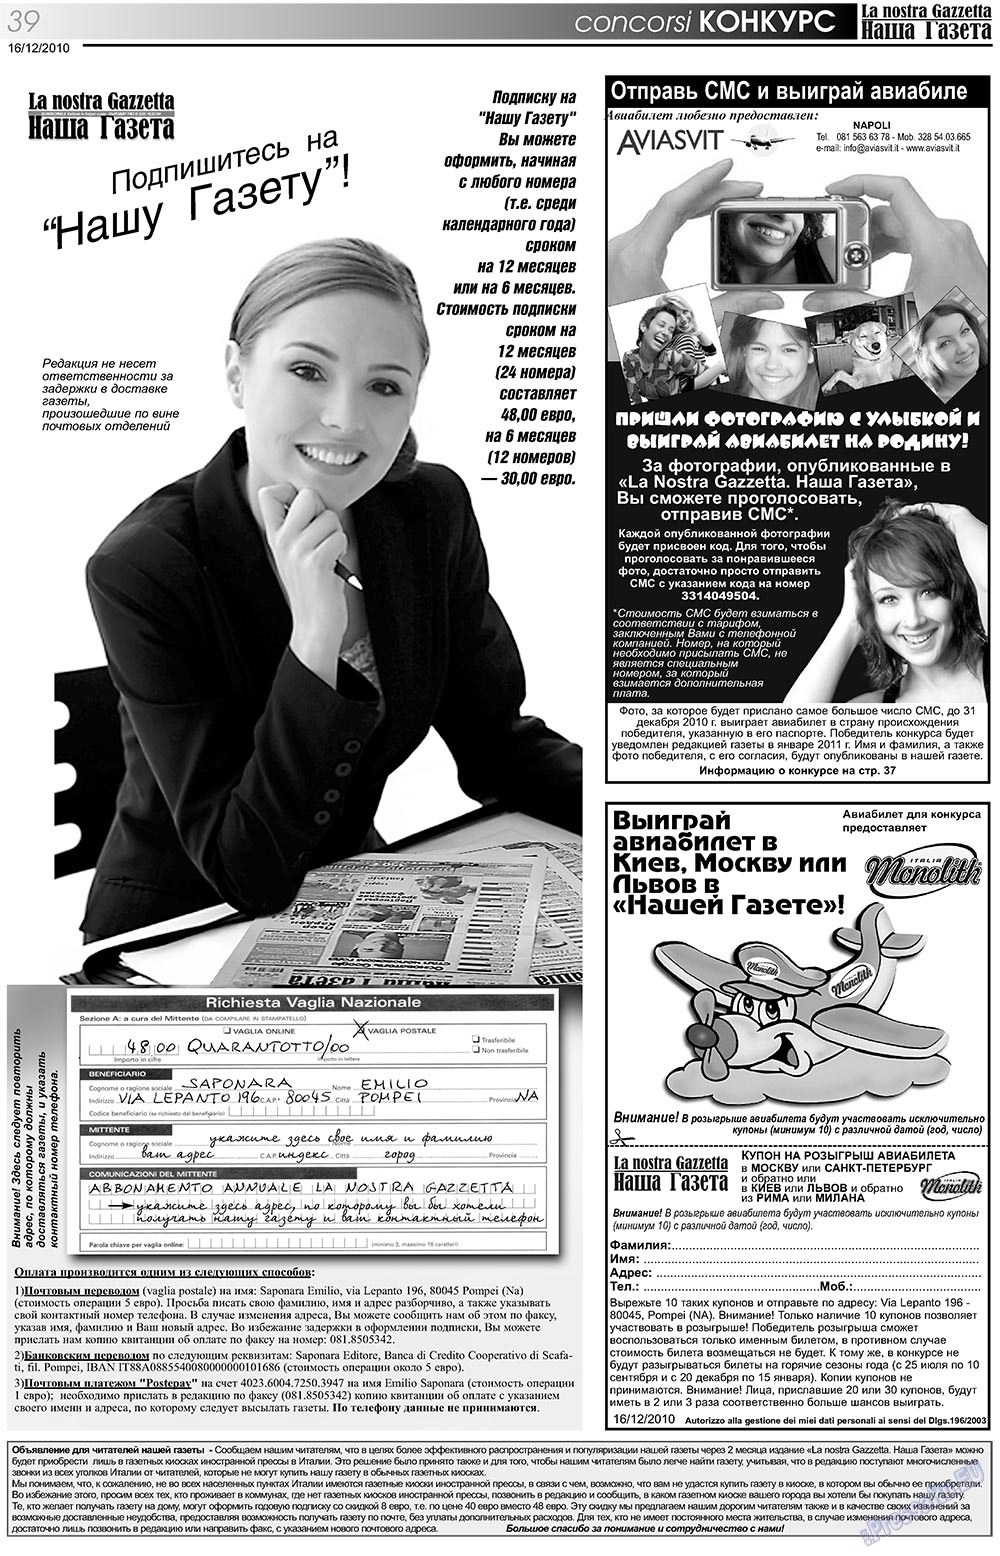 Знакомства киев газета я смс